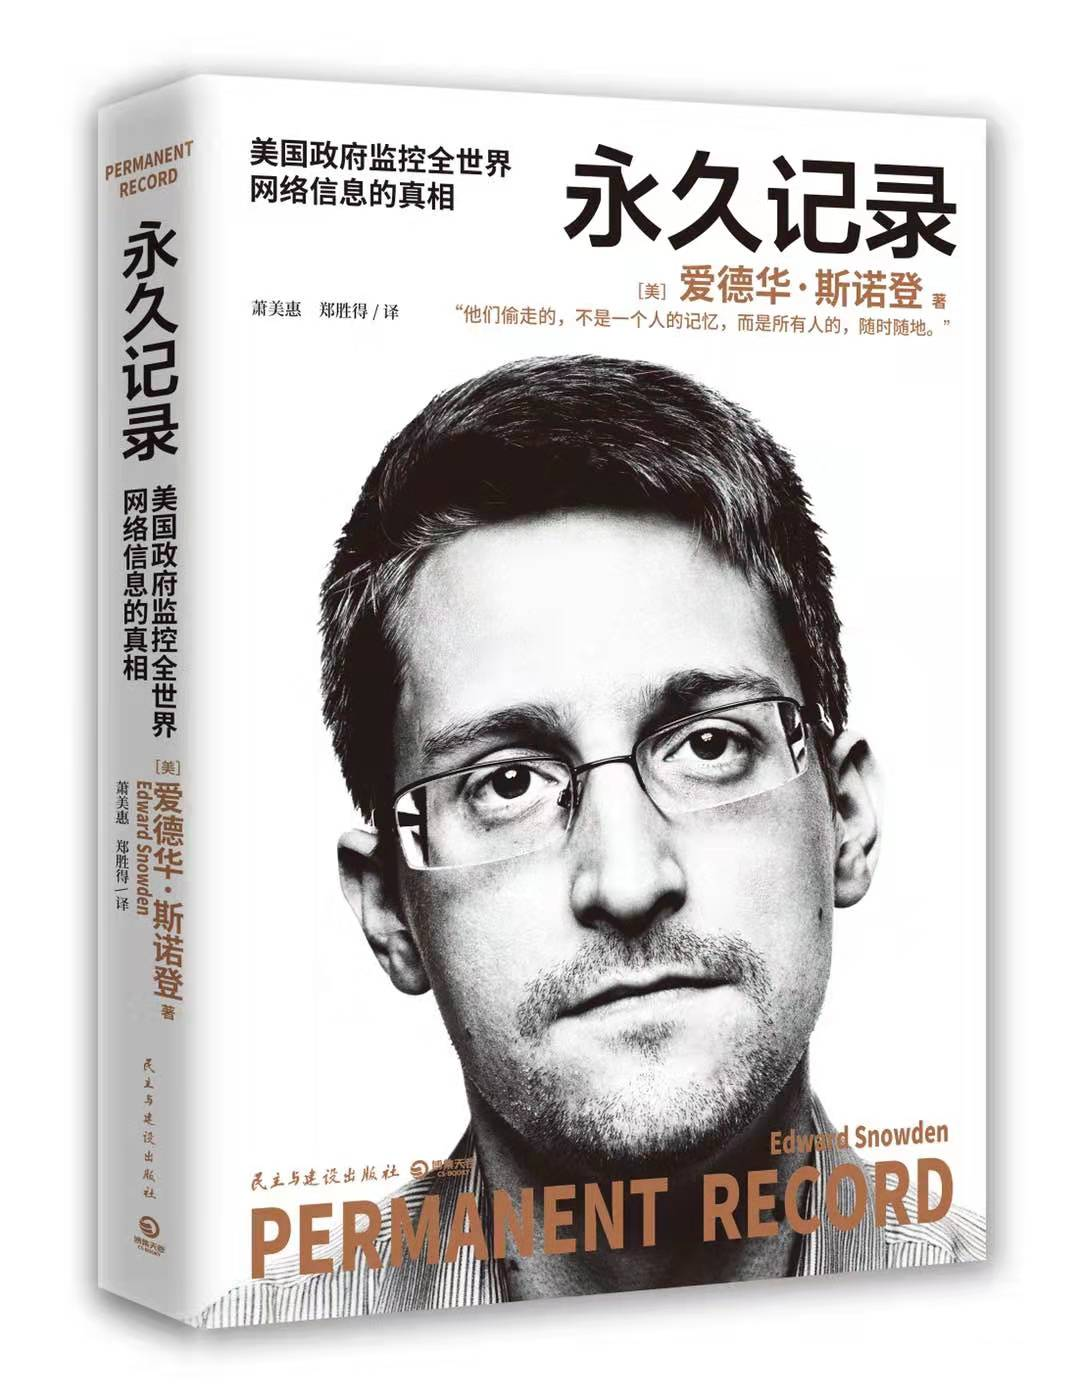 斯诺登的个人回忆录《永久记录》书封。